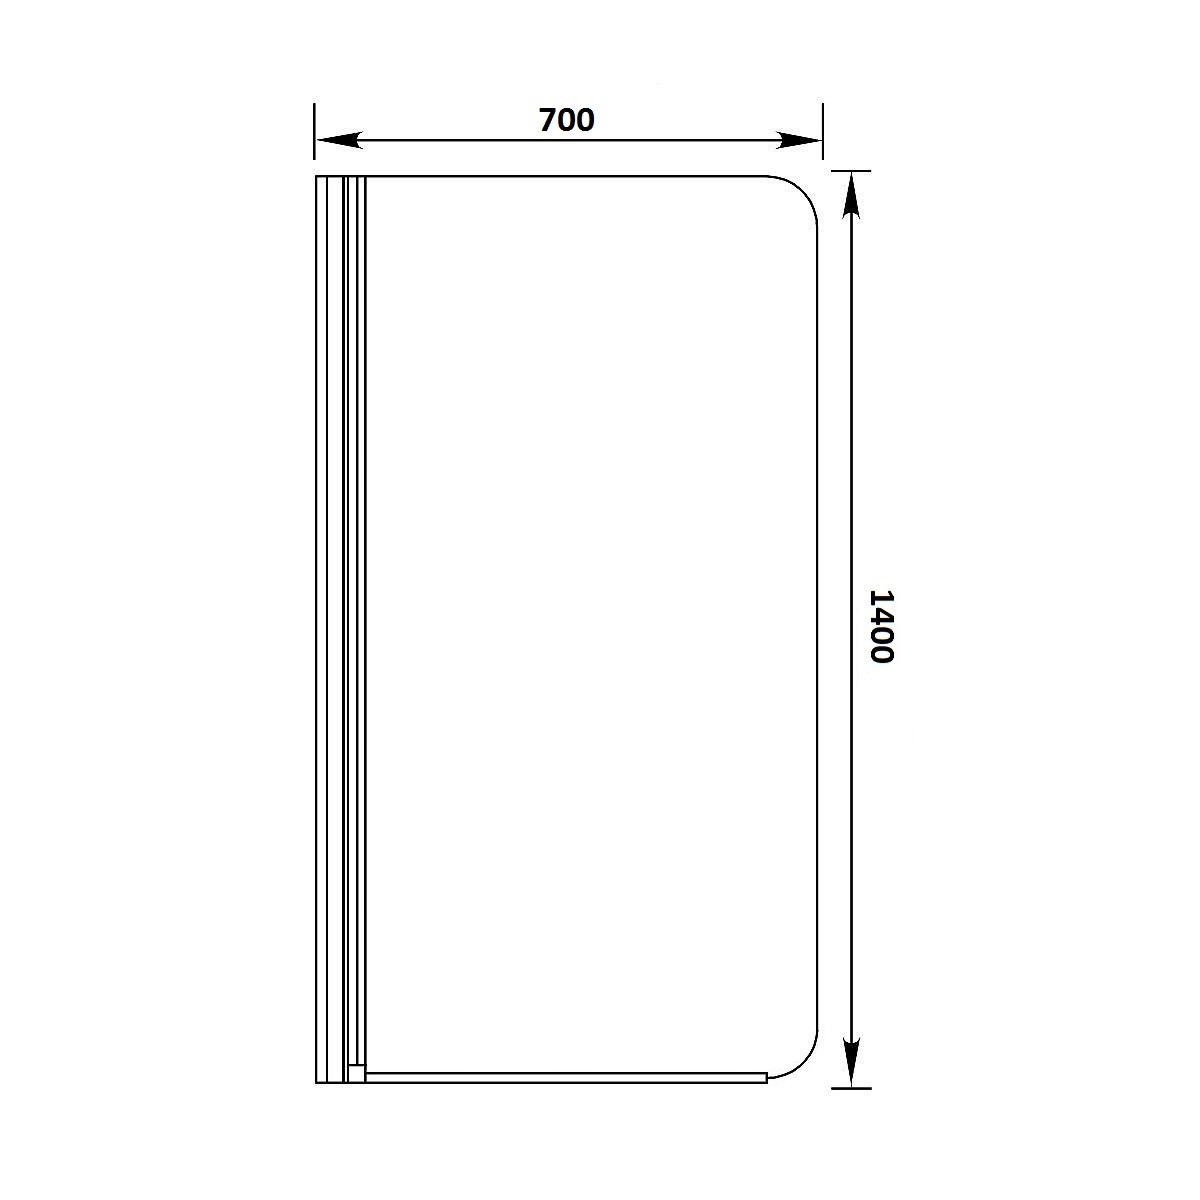 Шторка для ванной стеклянная Sanrif SR-70 схема